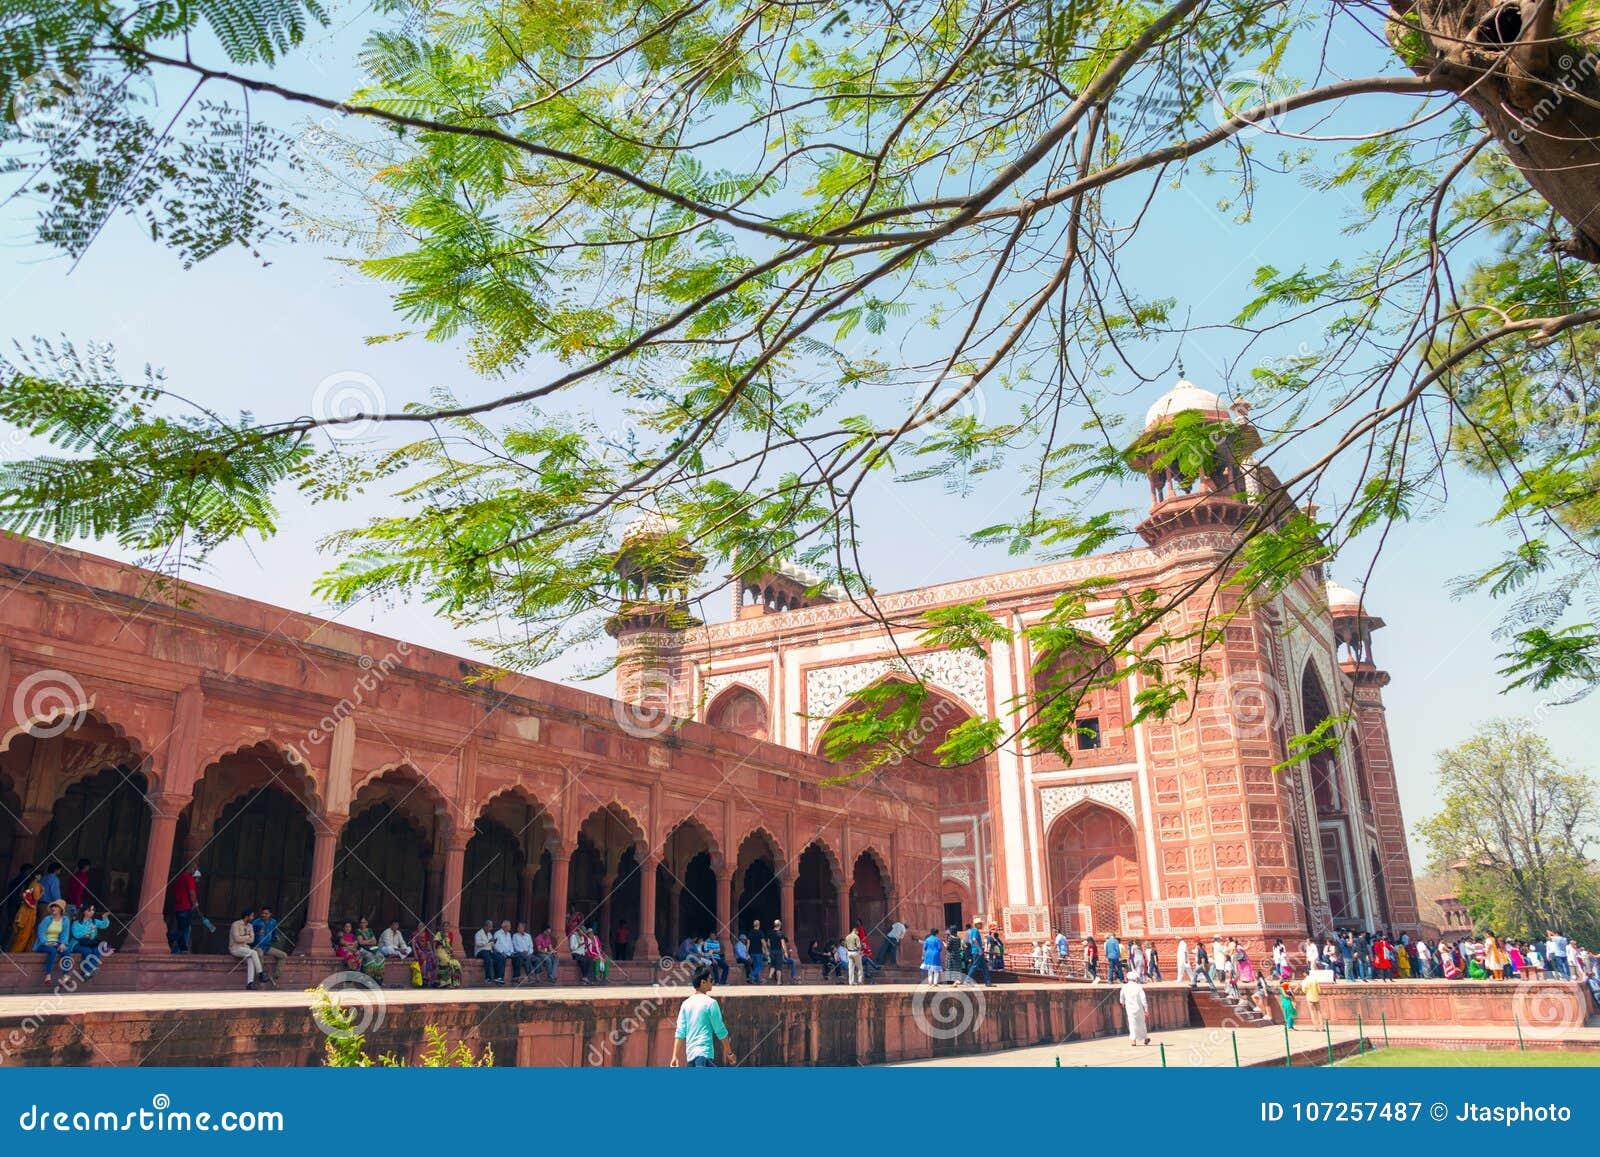 Agra-Fort: ein historisches Fort in der Stadt von Agra in Indien